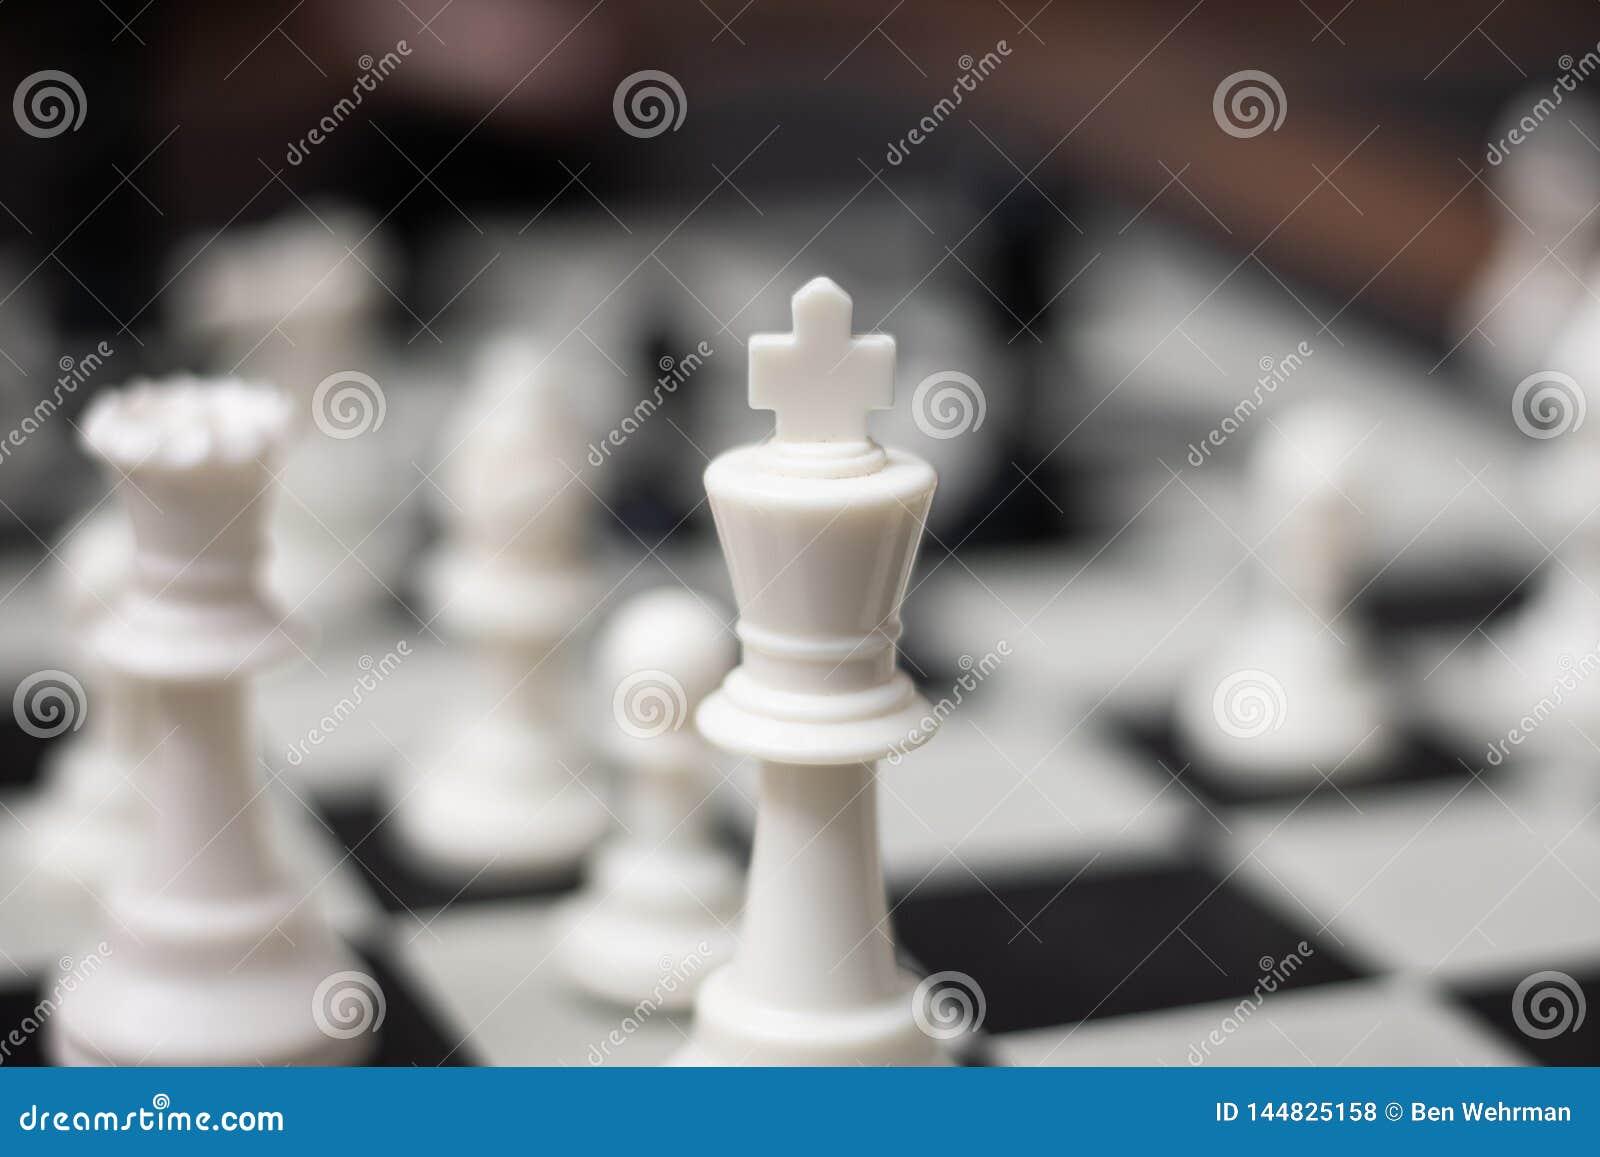 Le Roi Chess Game Piece